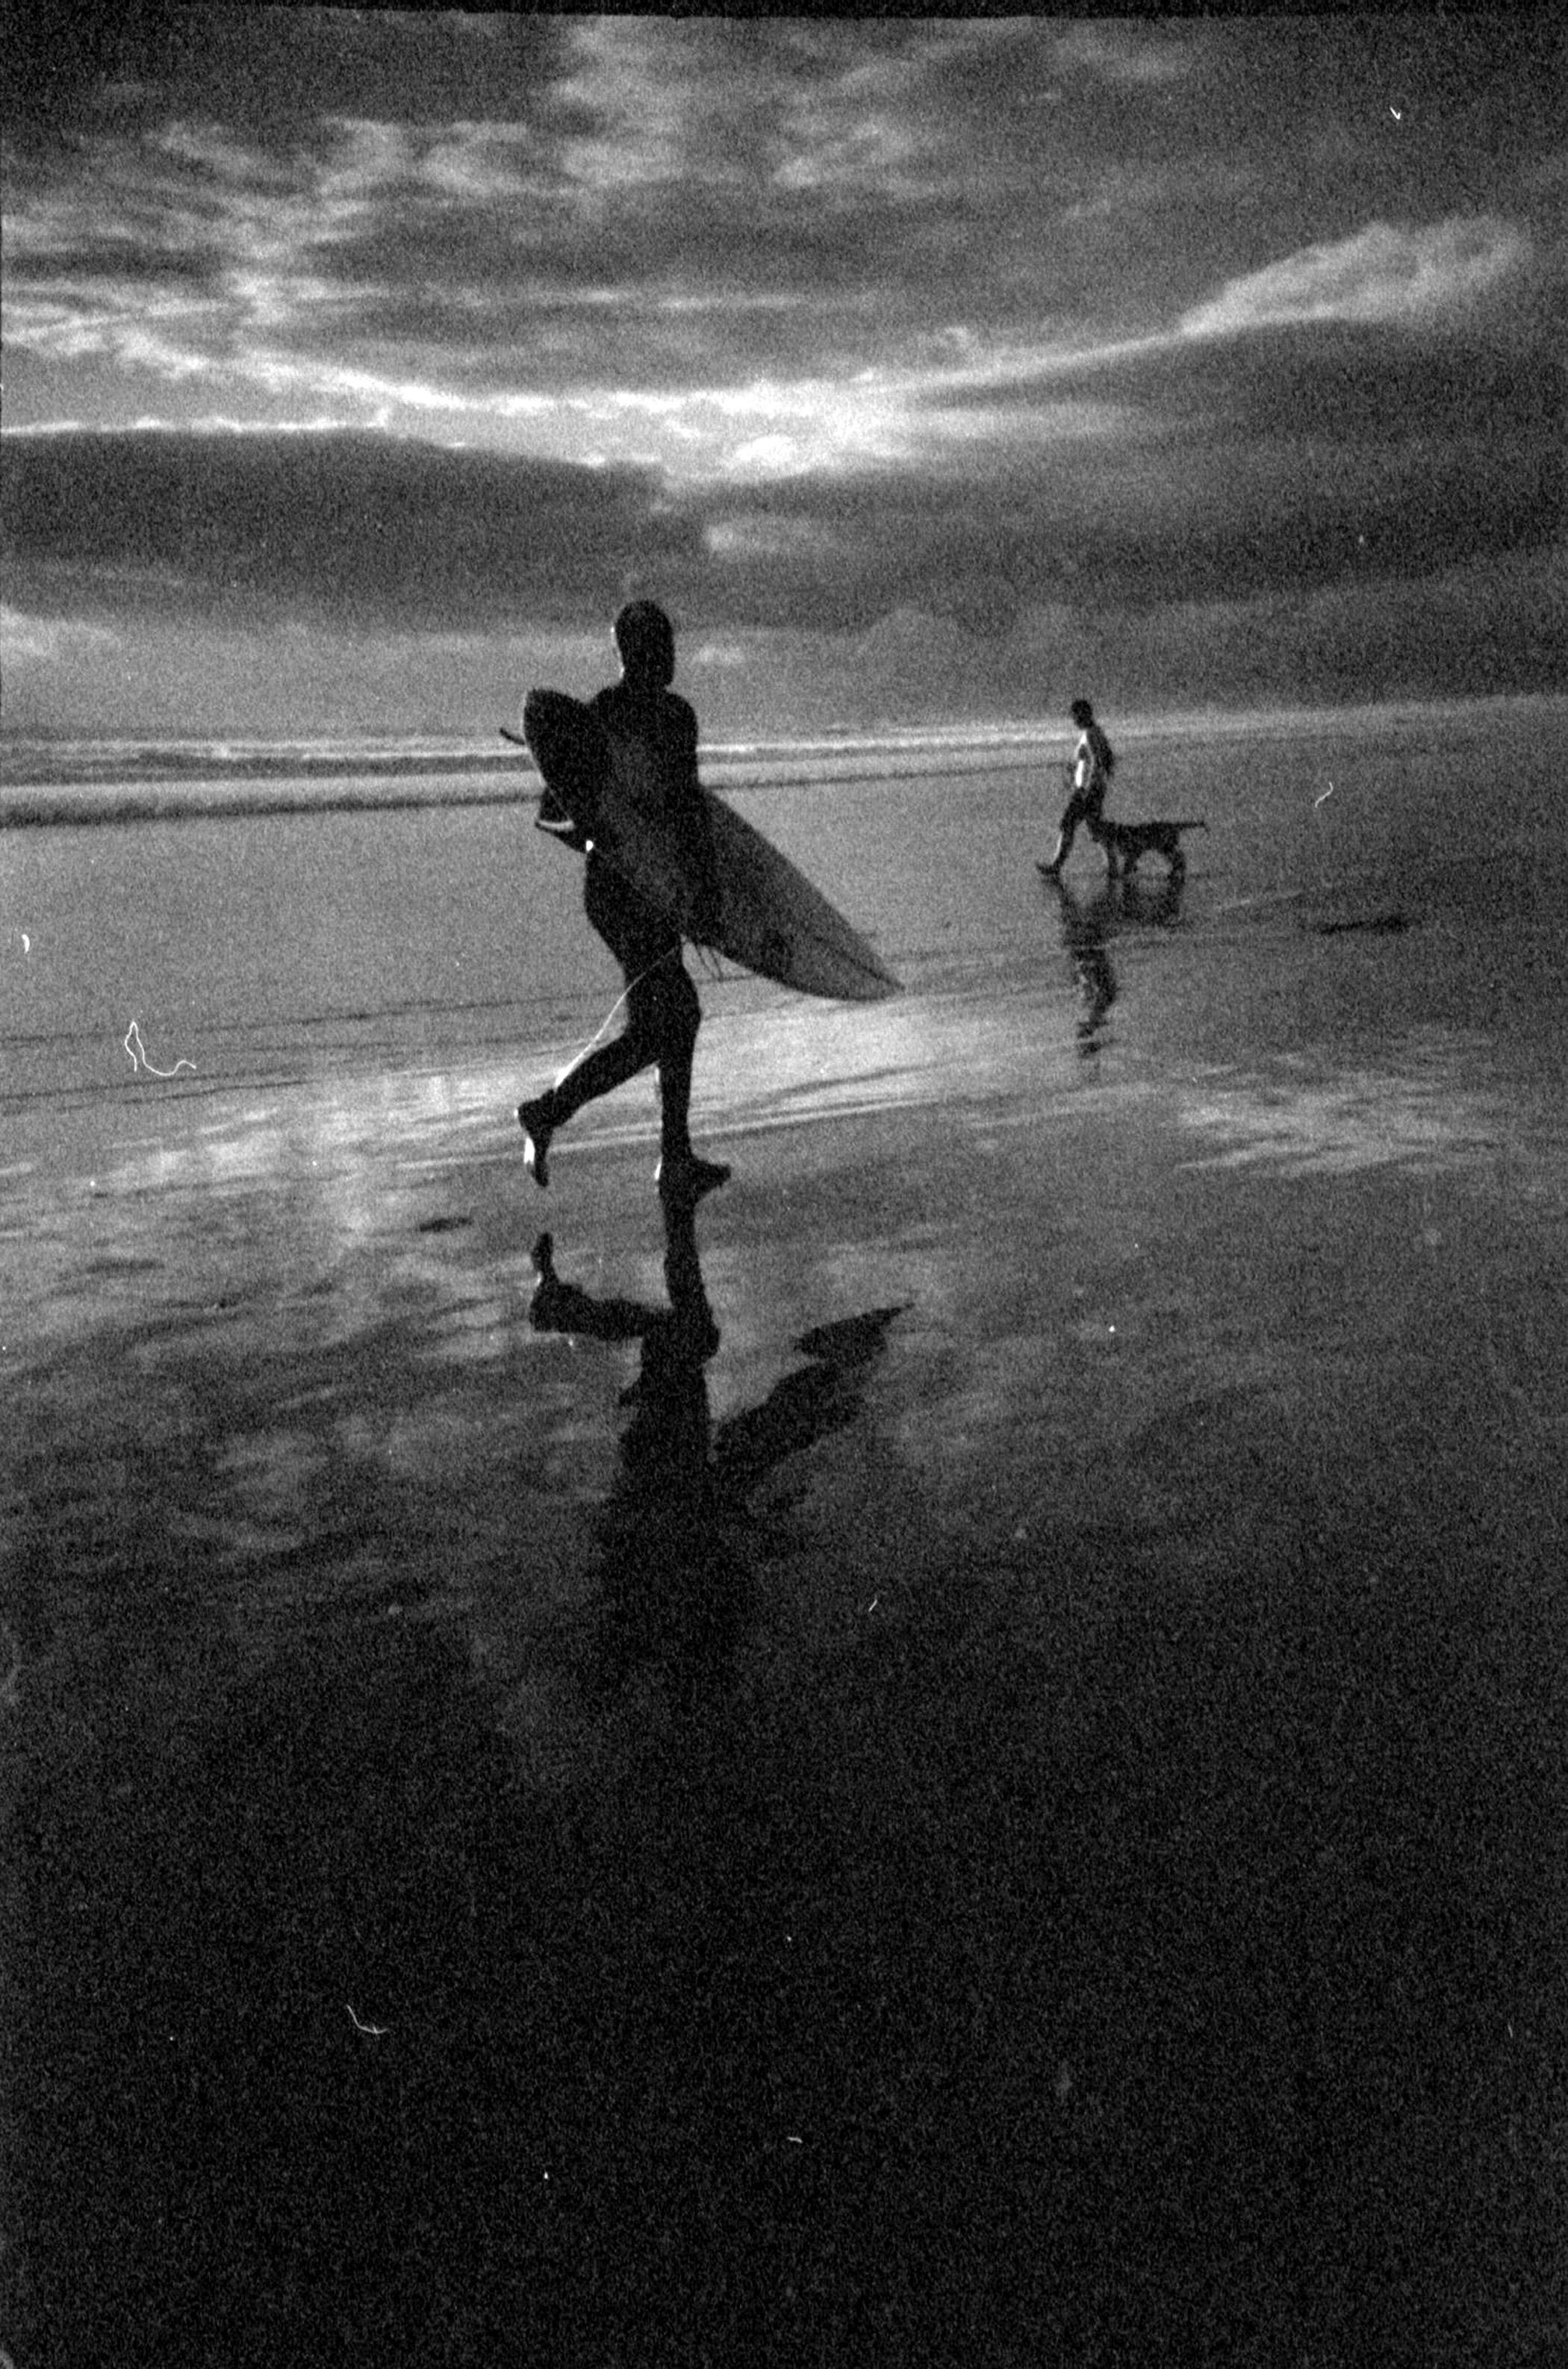 Graziella Ines | Still low tide